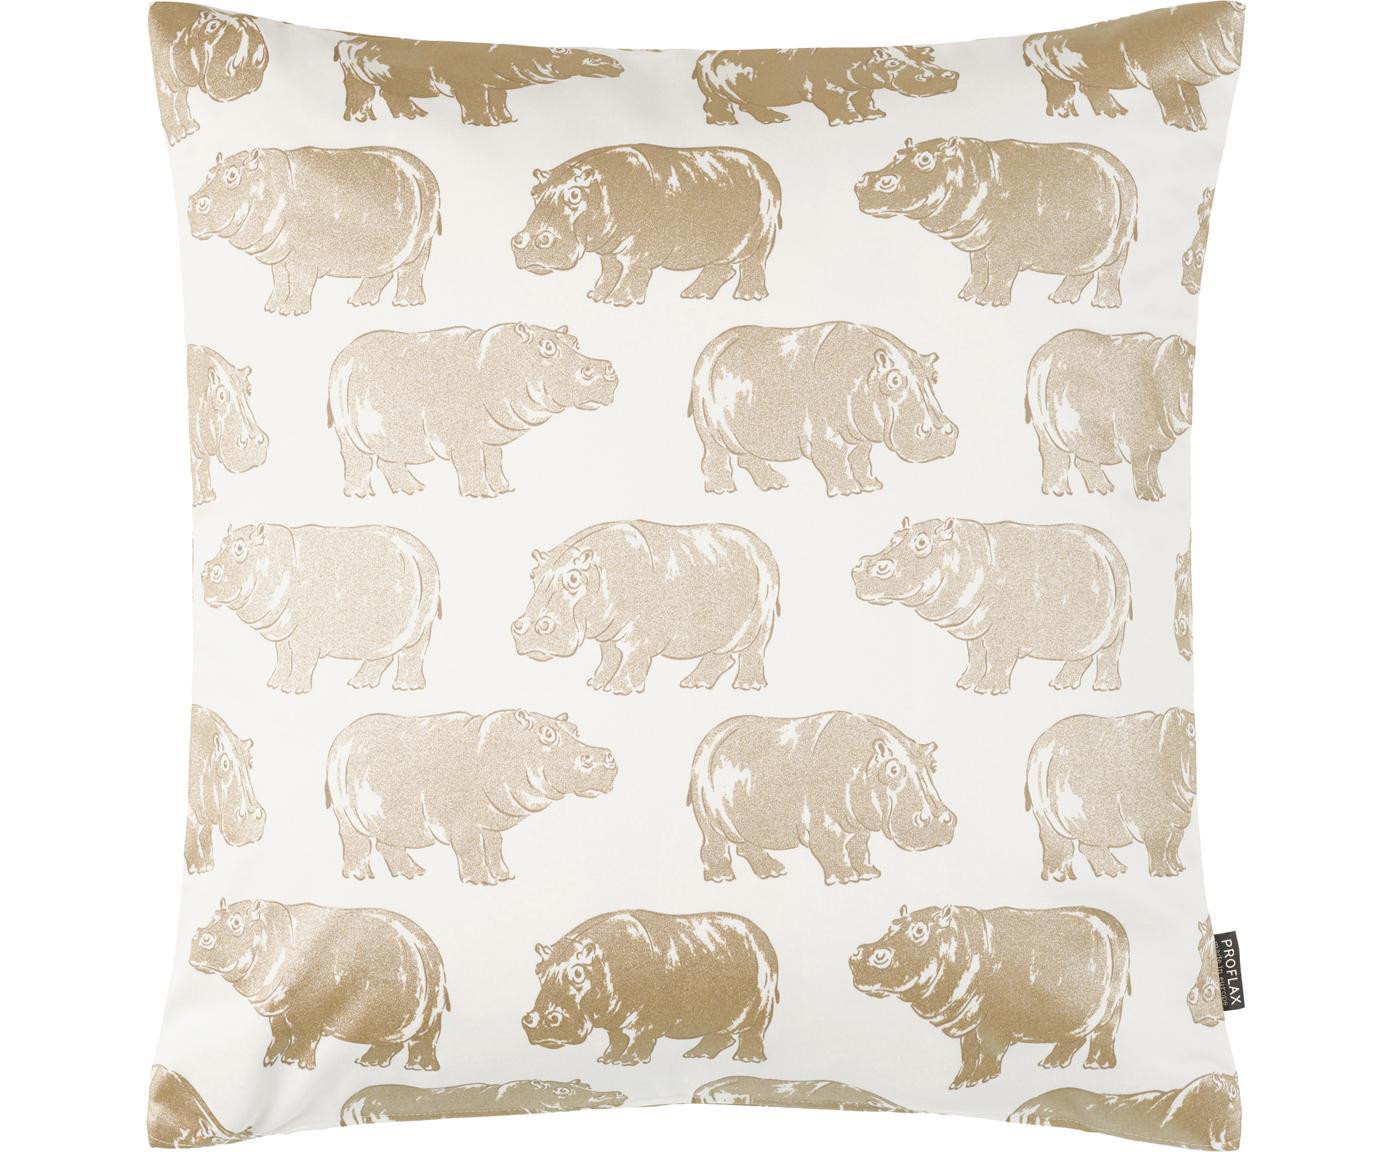 Kissenhülle Hippo mit Tierdruck in Gold/Creme, Baumwolle, Weiß, Goldfarben, 50 x 50 cm